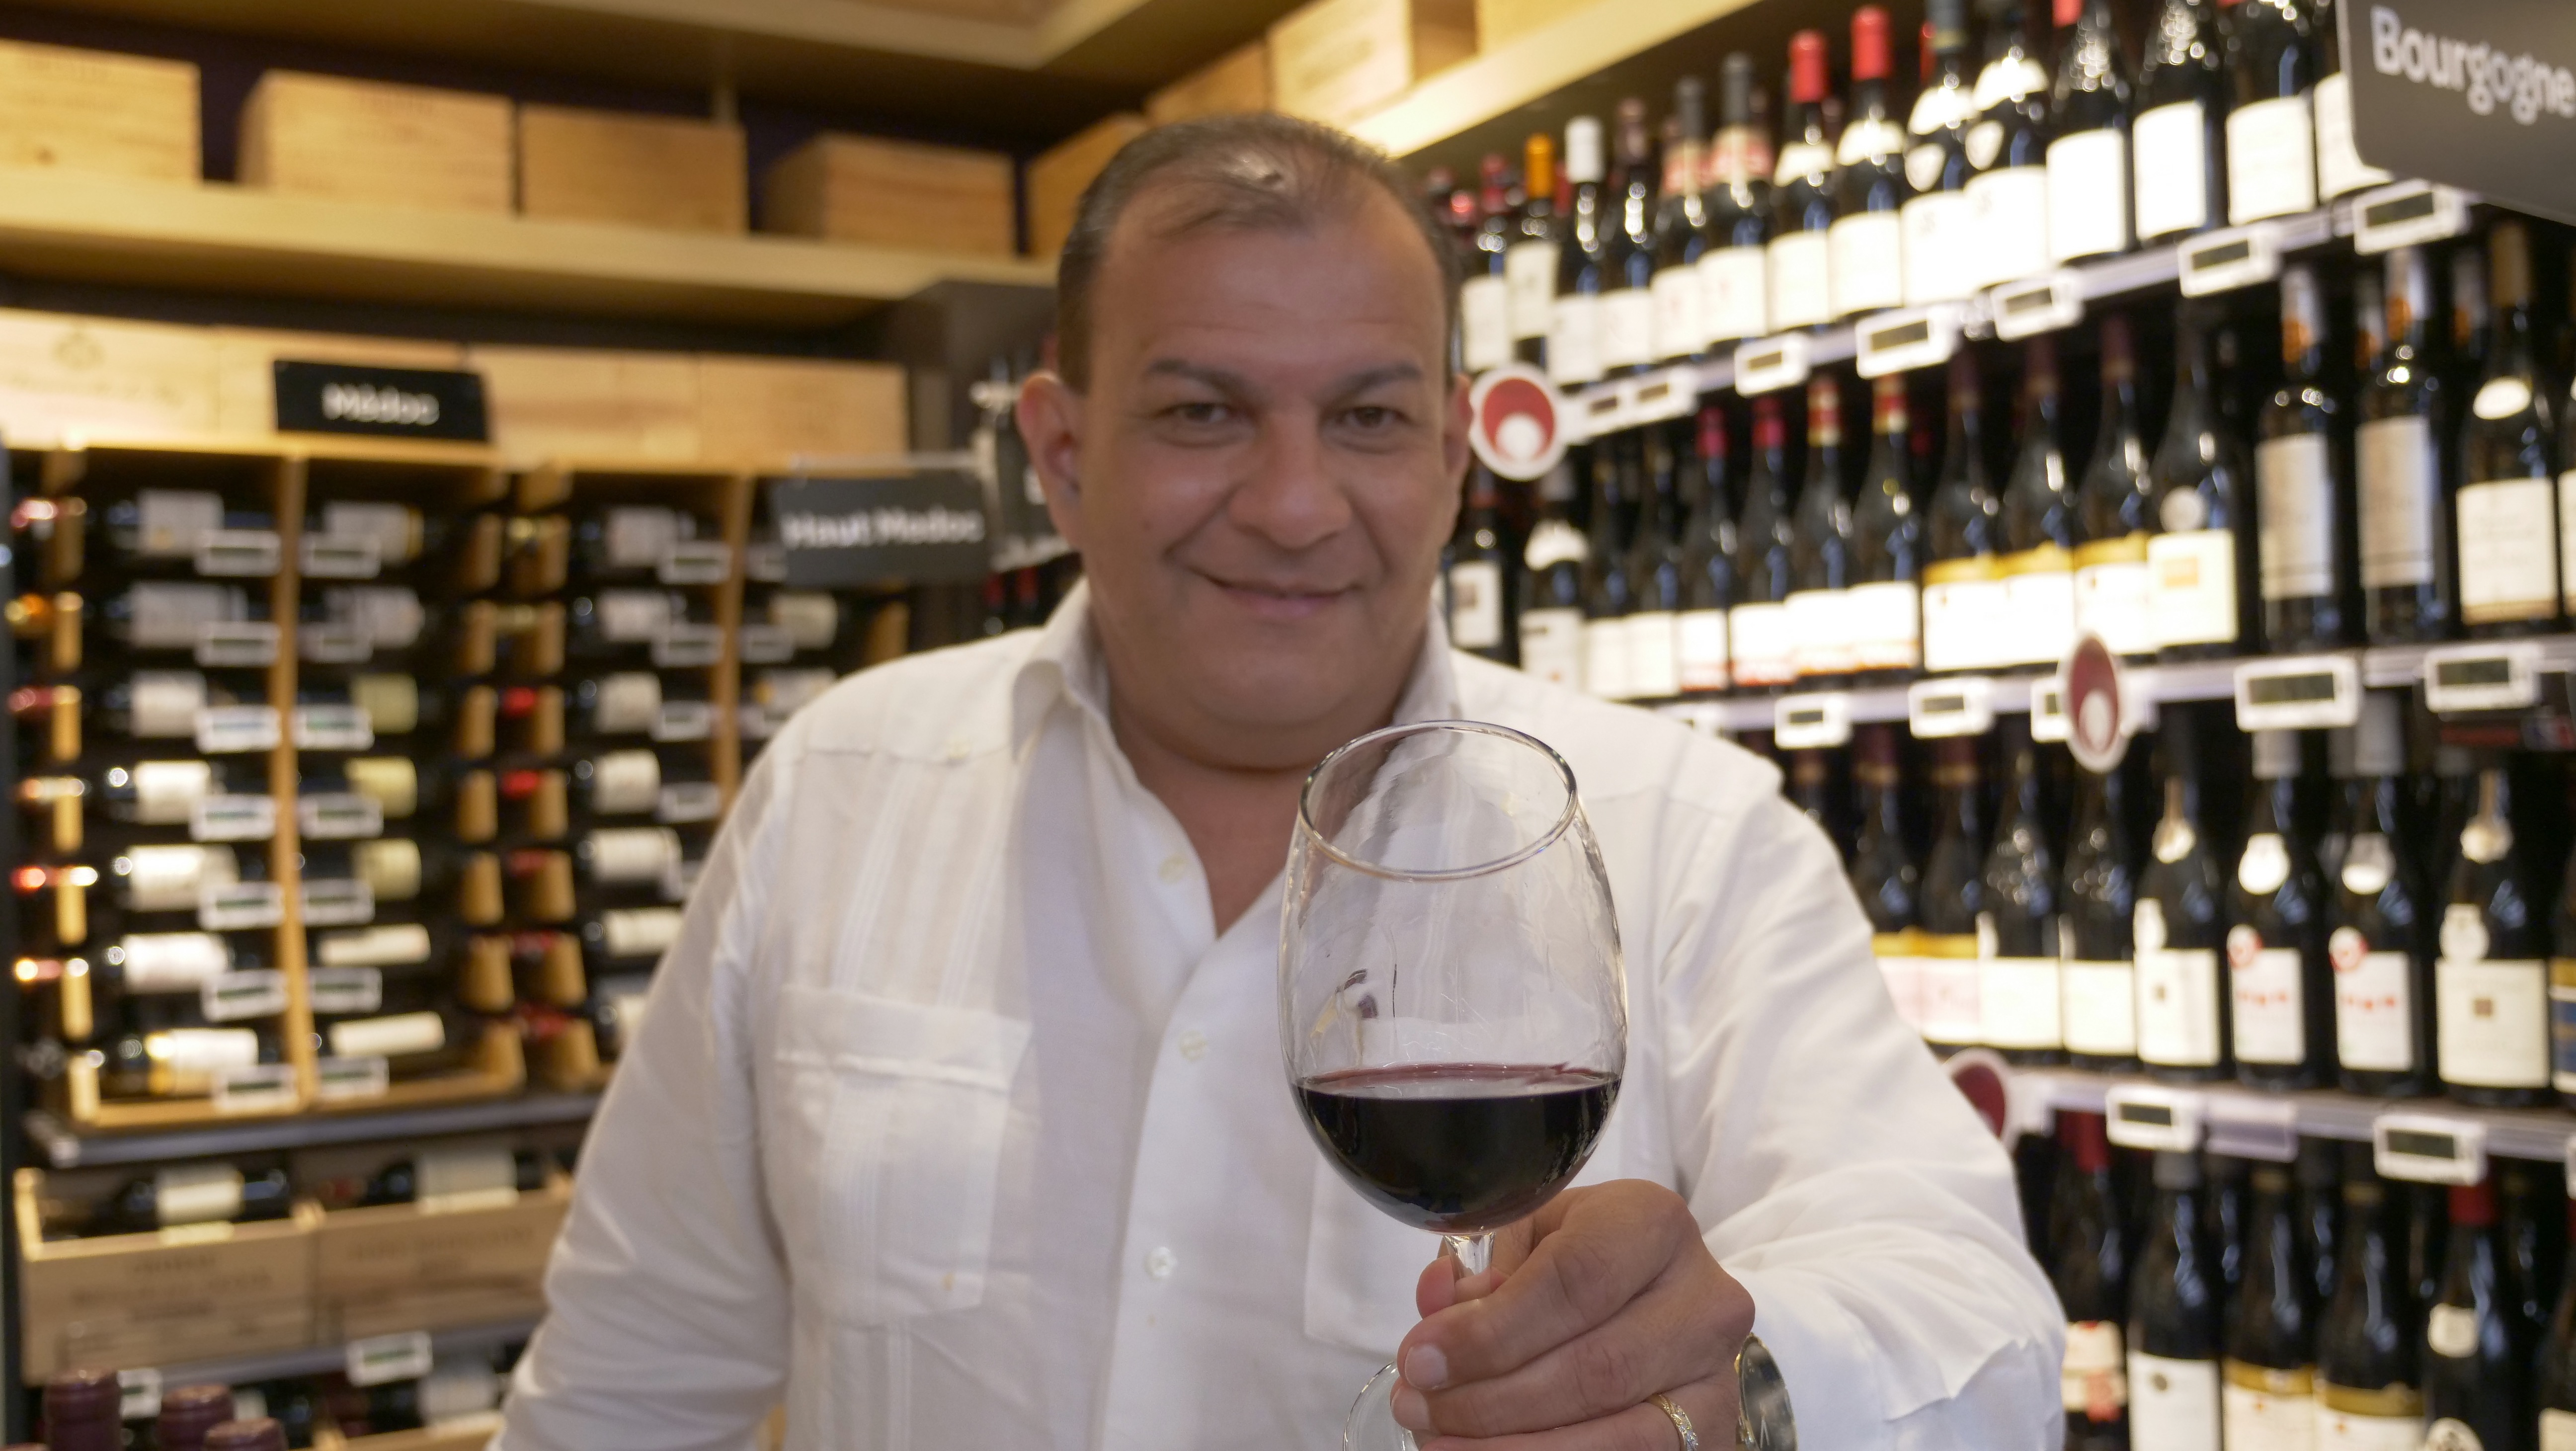 El Tip de Sergio: Temperatura de vinos tintos